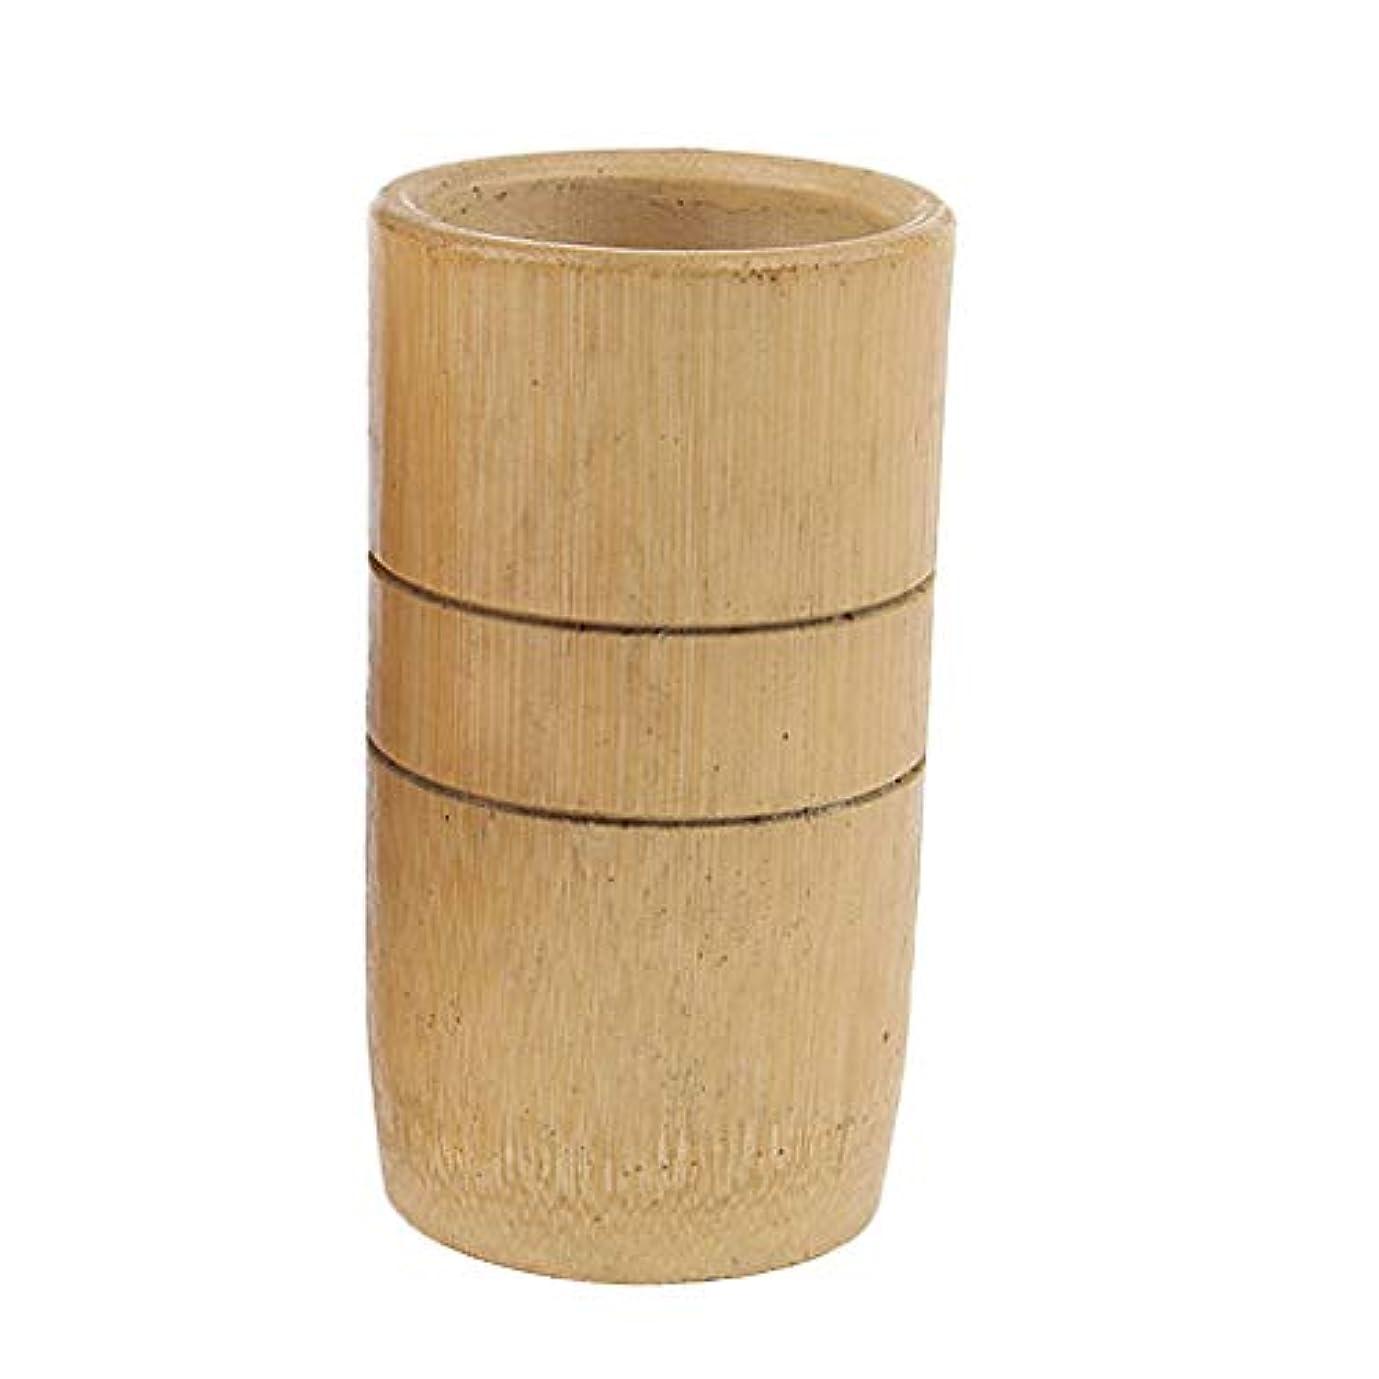 キャンセル温度上流のchiwanji マッサージカップ 吸い玉 カッピング 天然竹製 男女兼用 2個入